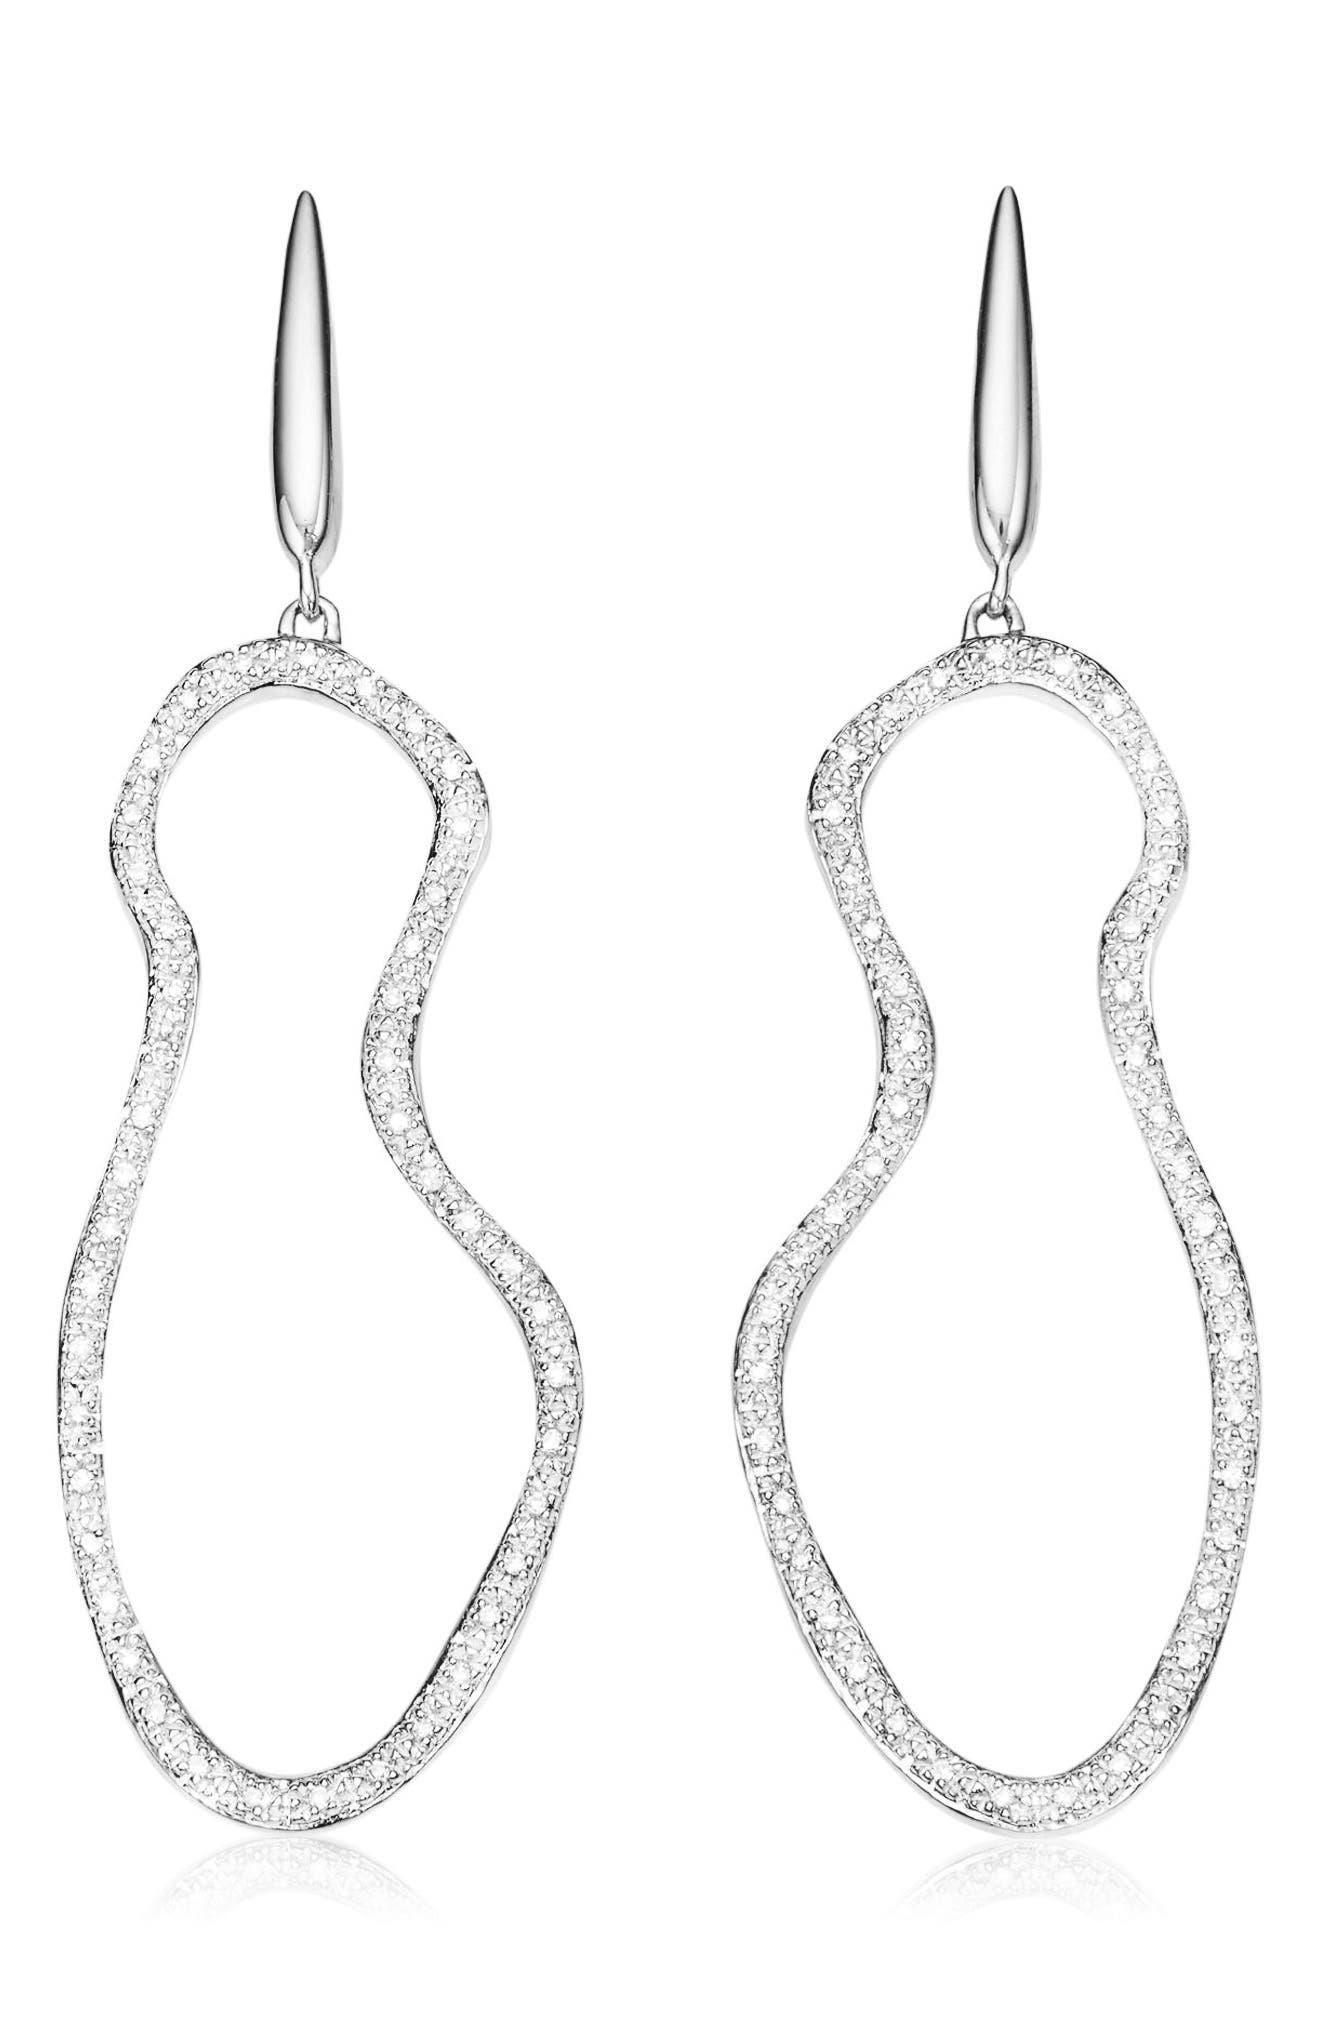 Main Image - Monica Vinader Riva Pod Diamond Cocktail Earrings